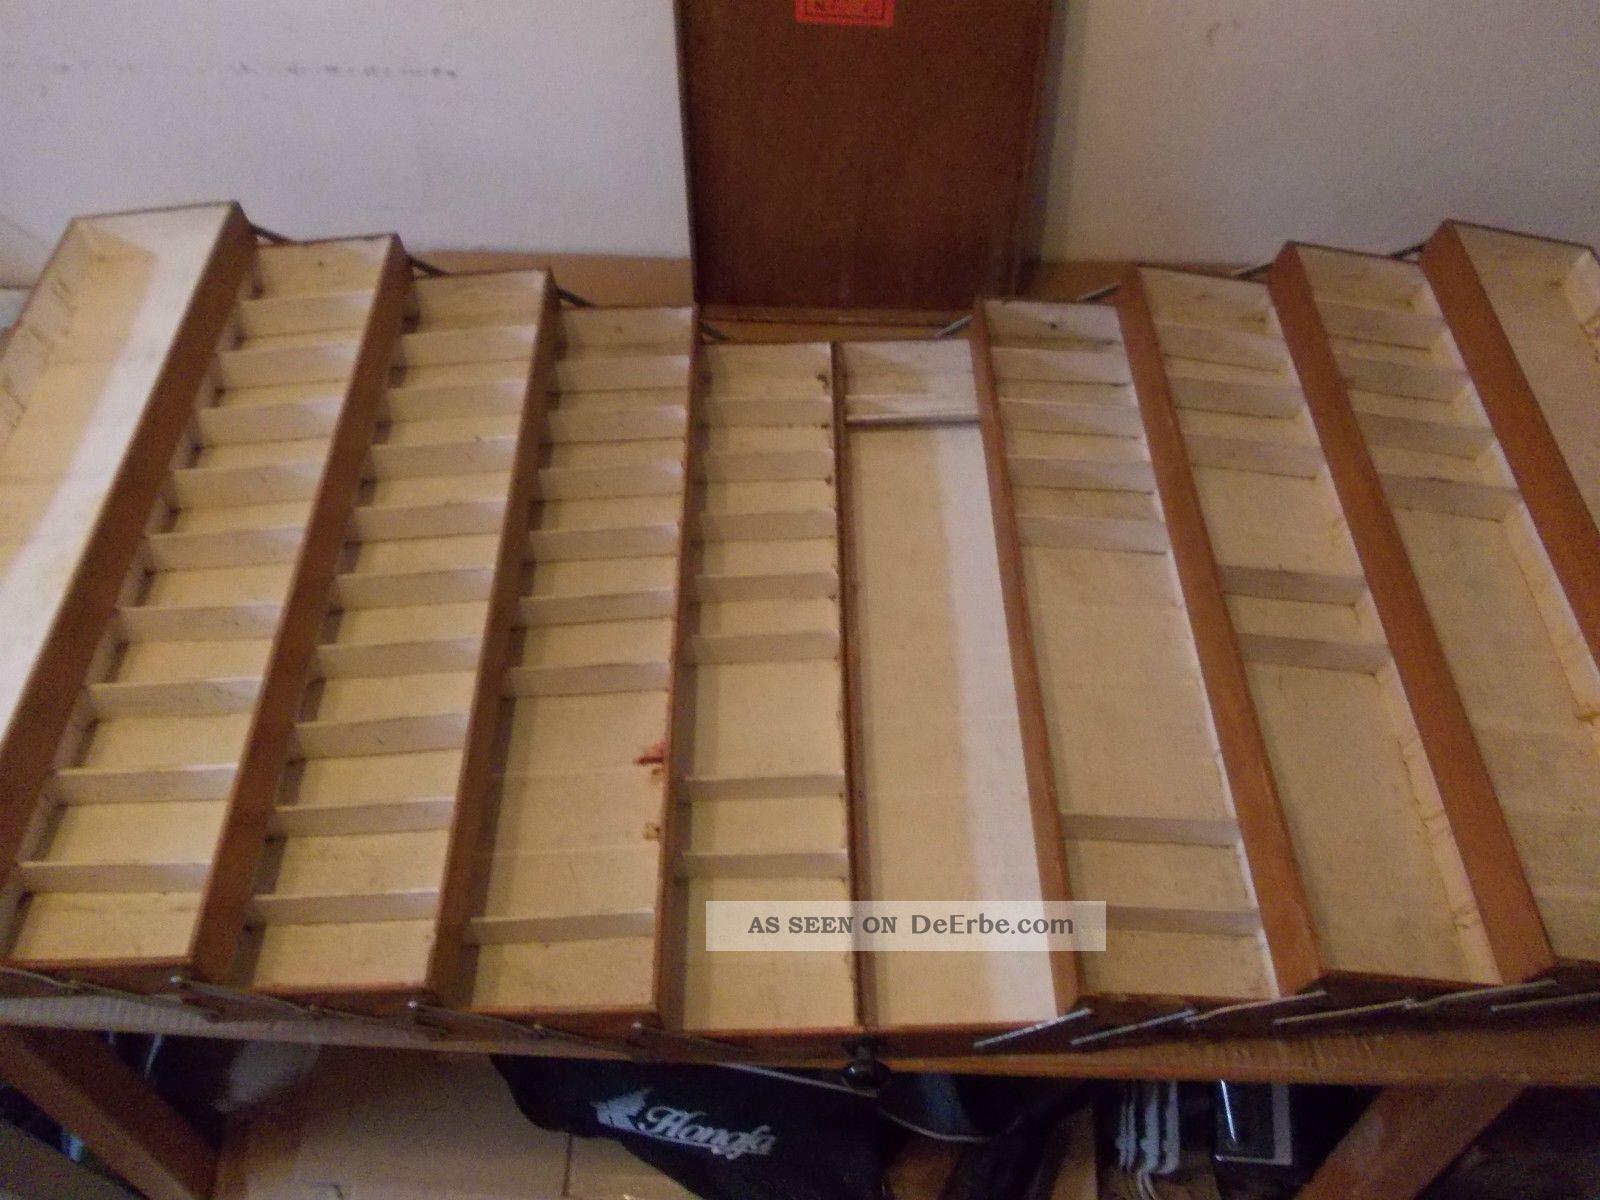 alte schuster sattler holz kiste koffer werkzeug koffer. Black Bedroom Furniture Sets. Home Design Ideas